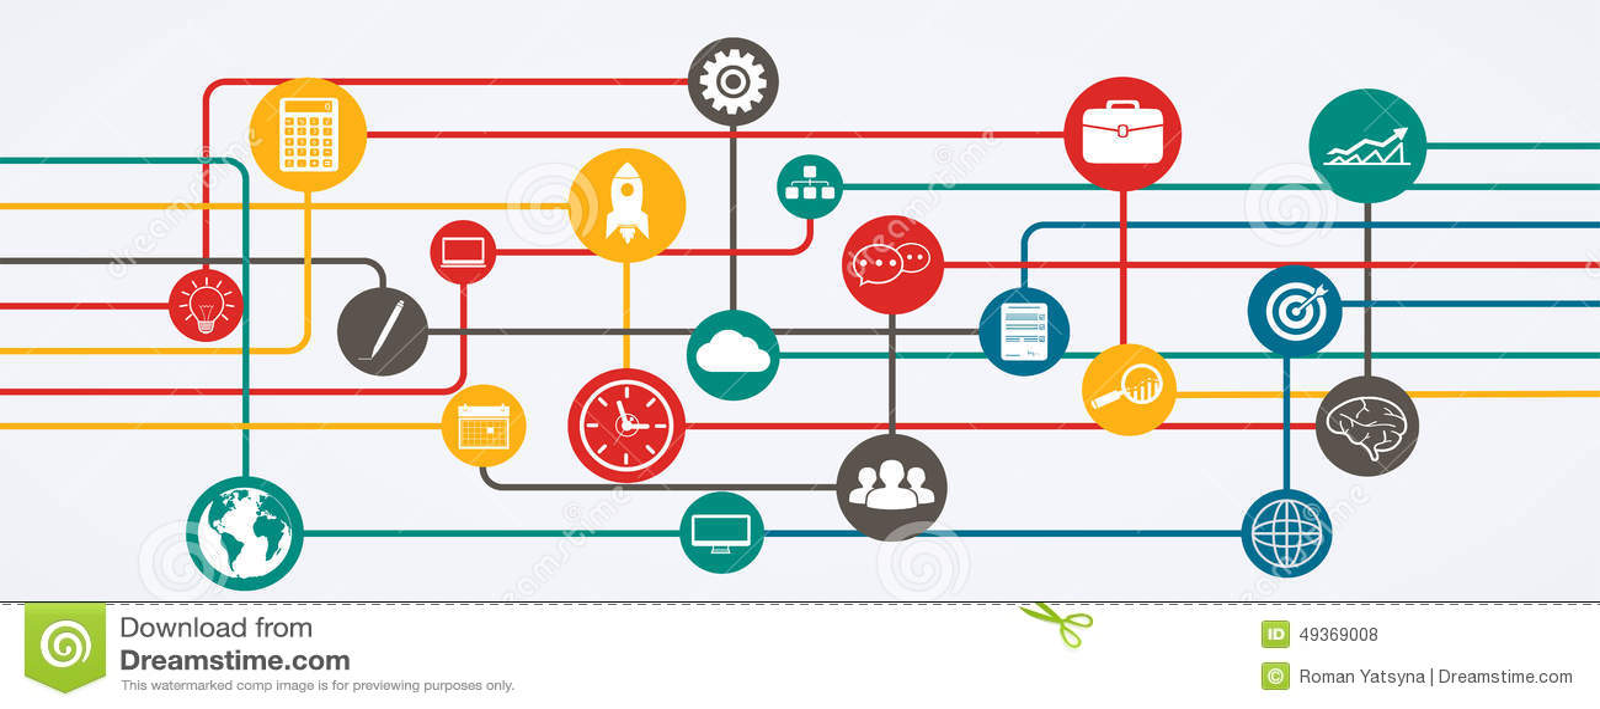 Netwerkverbindingen, informatiestroom met pictogrammen in horizontale positie